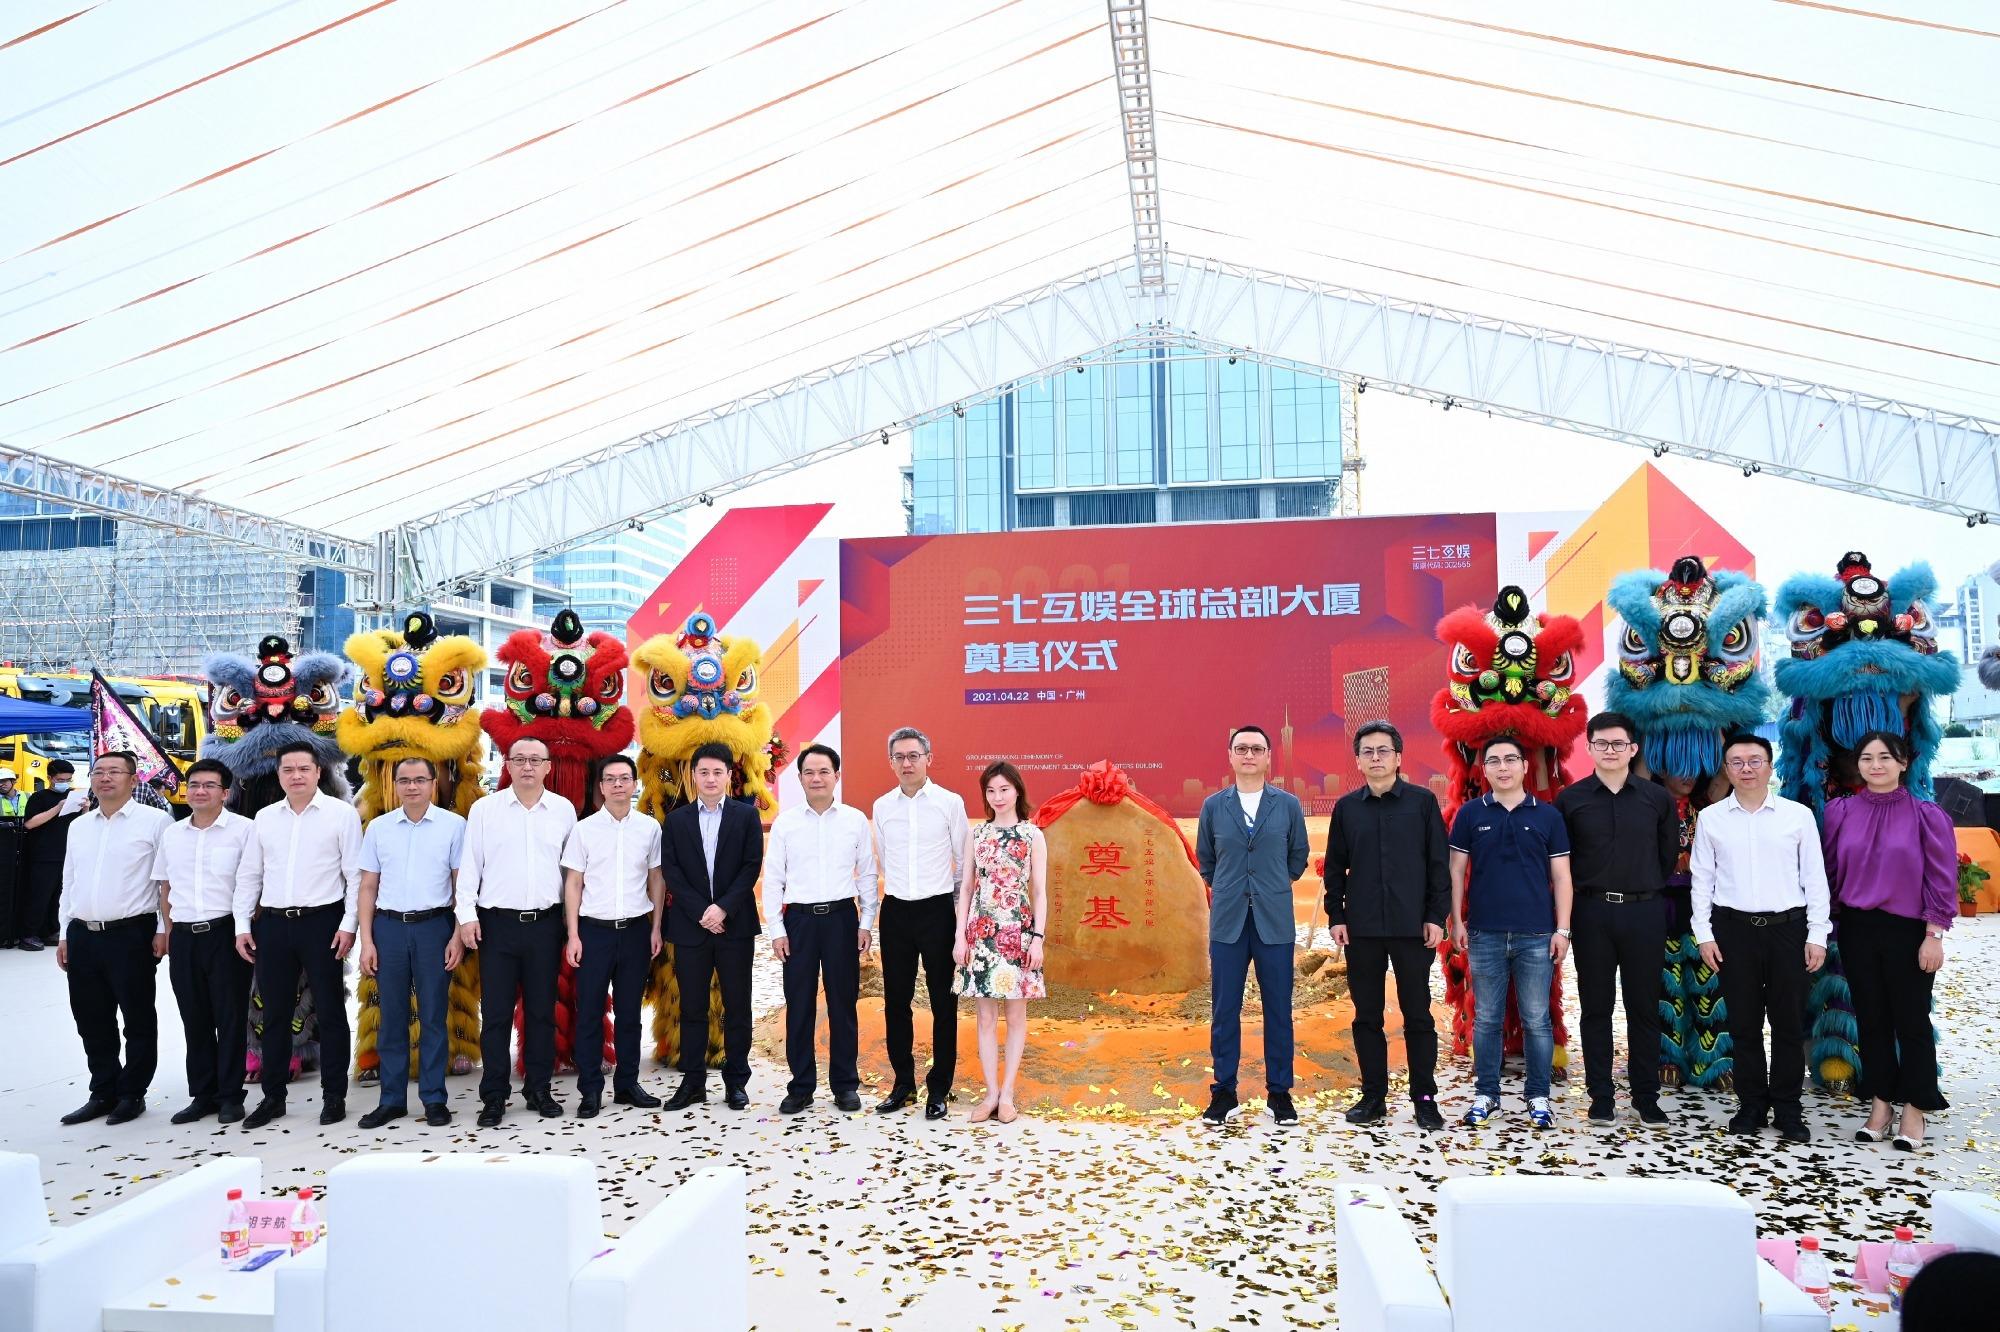 玩心之家,创造快乐 三七互娱全球总部大厦举行奠基仪式